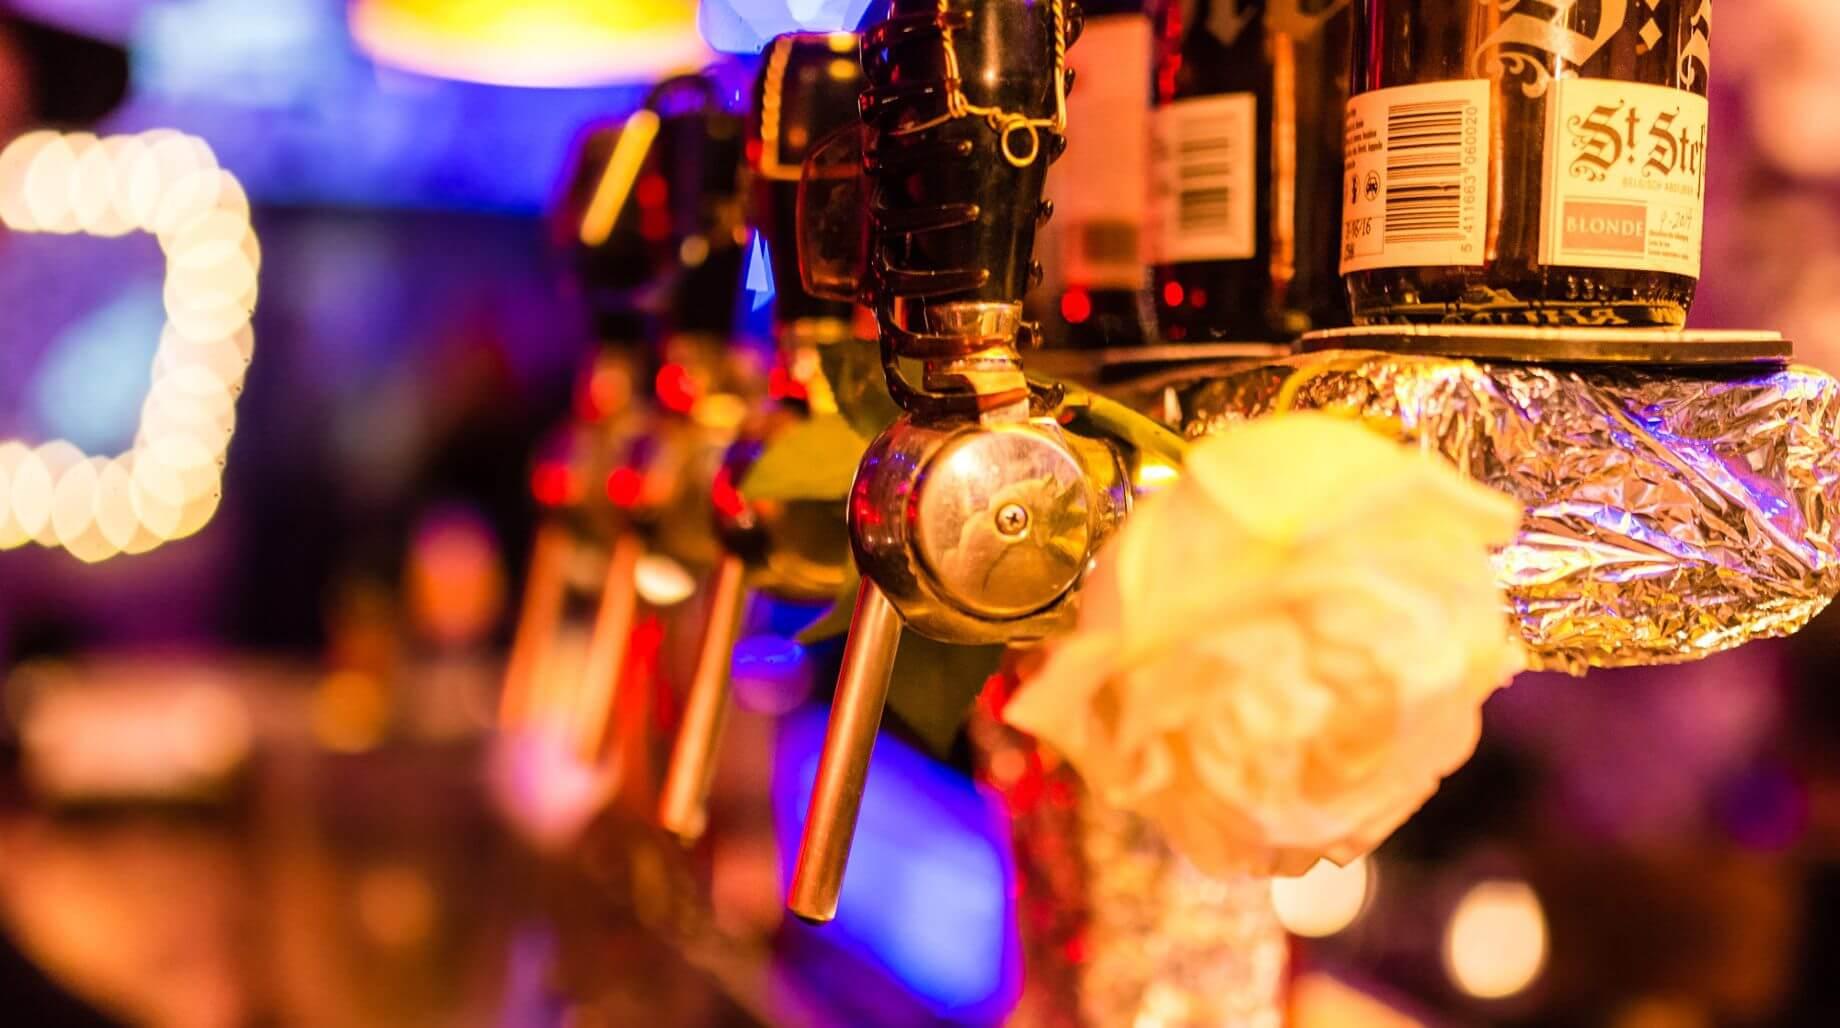 Alkohol wird ausgeschenkt.